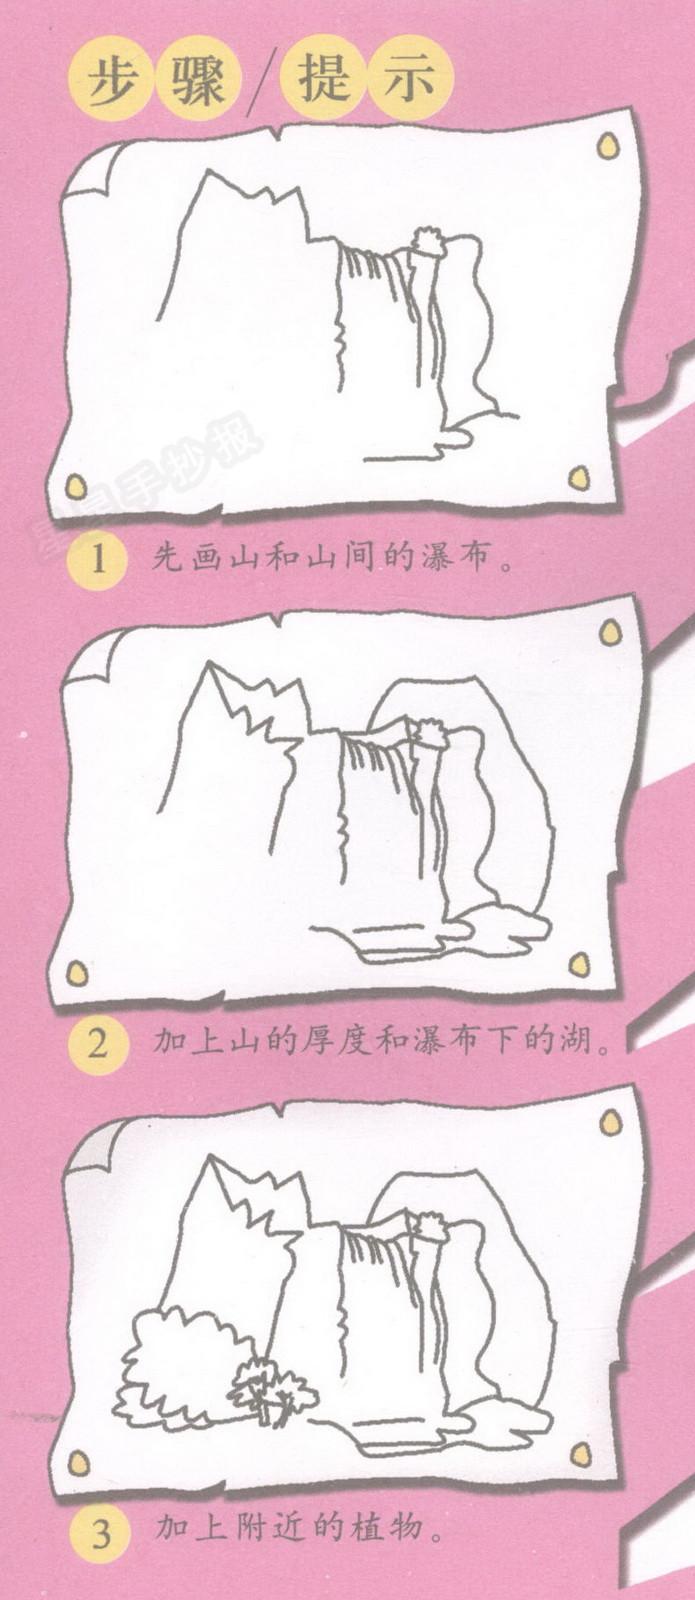 望庐山瀑布简笔画